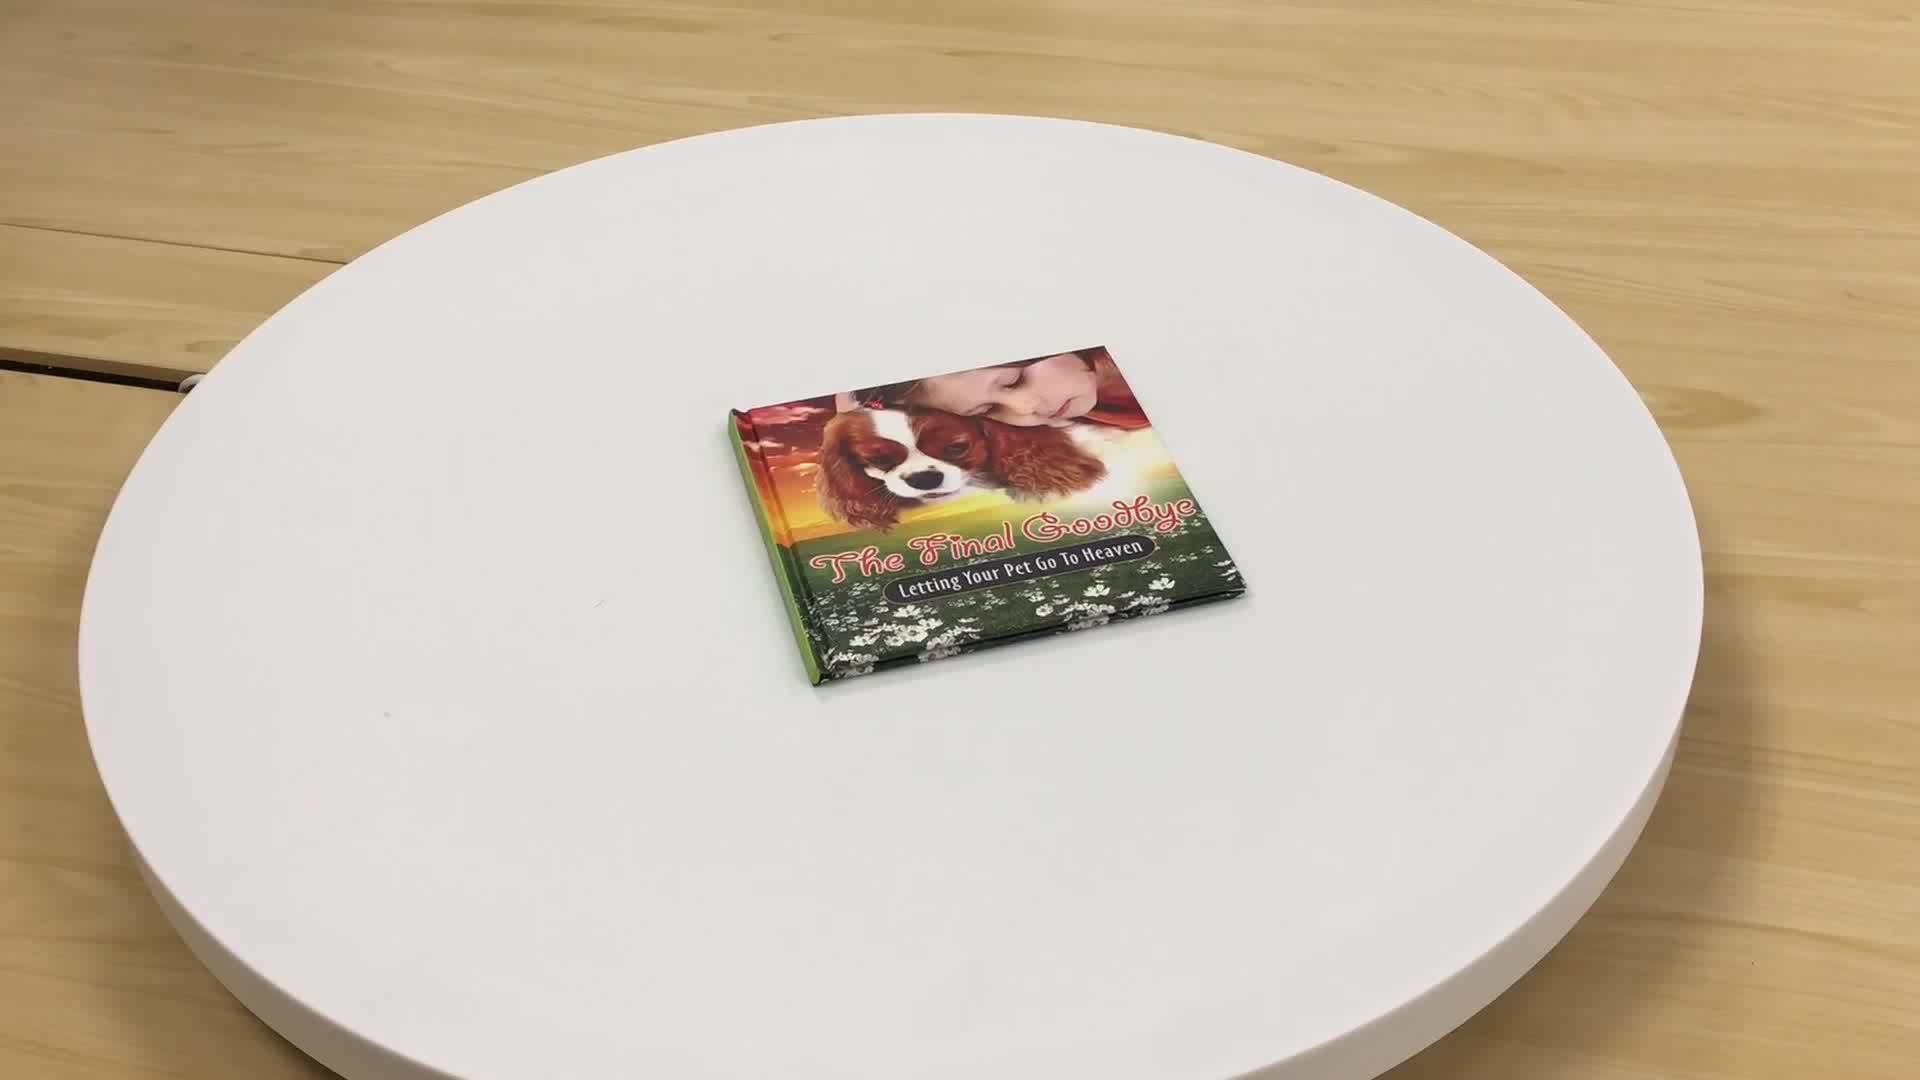 Impressão do livro de capa dura cor design personalizado barato por atacado criança pequena